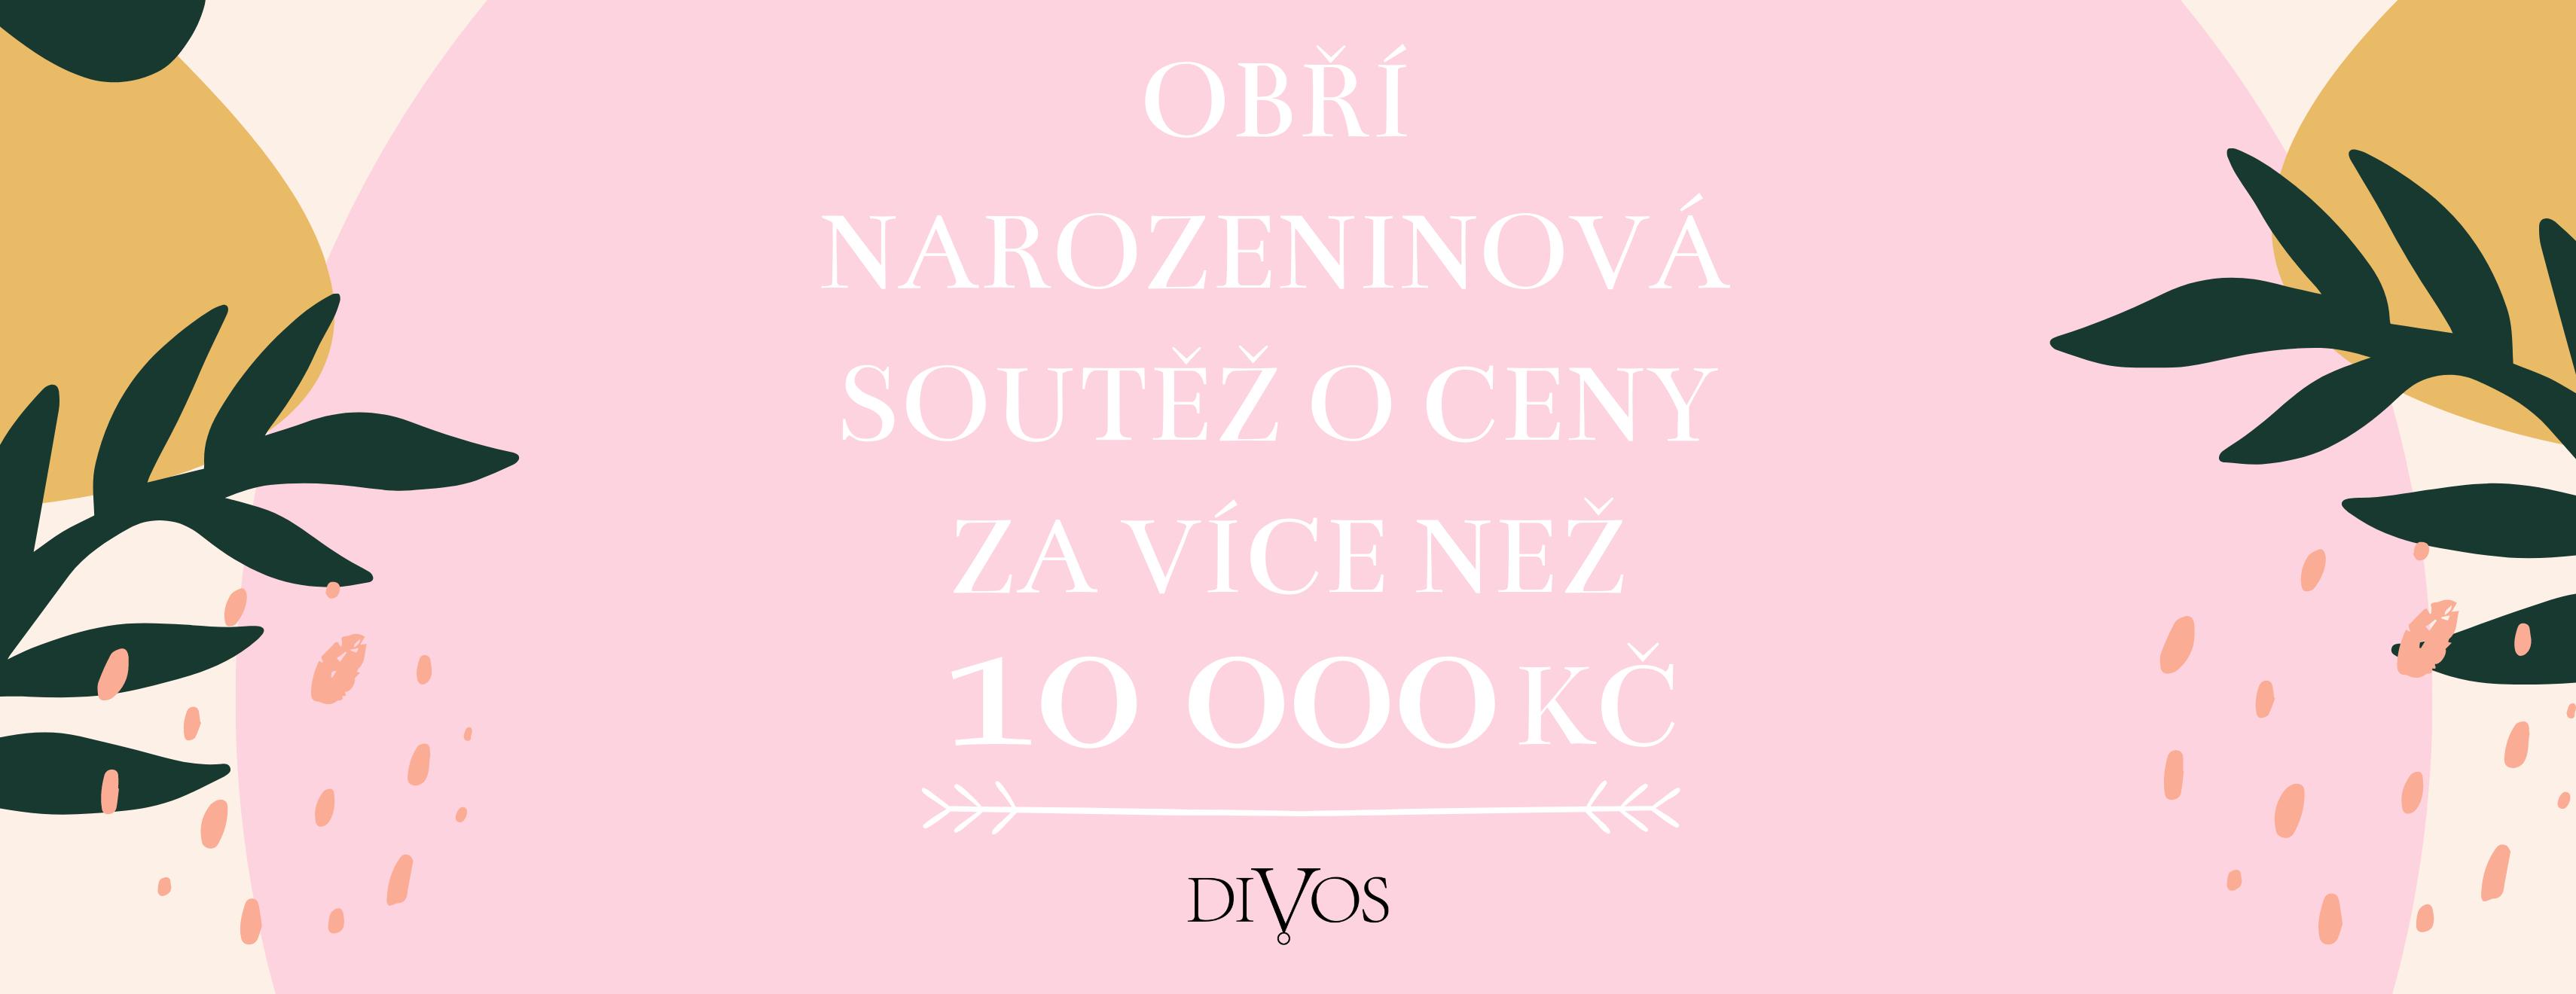 banner_soutez